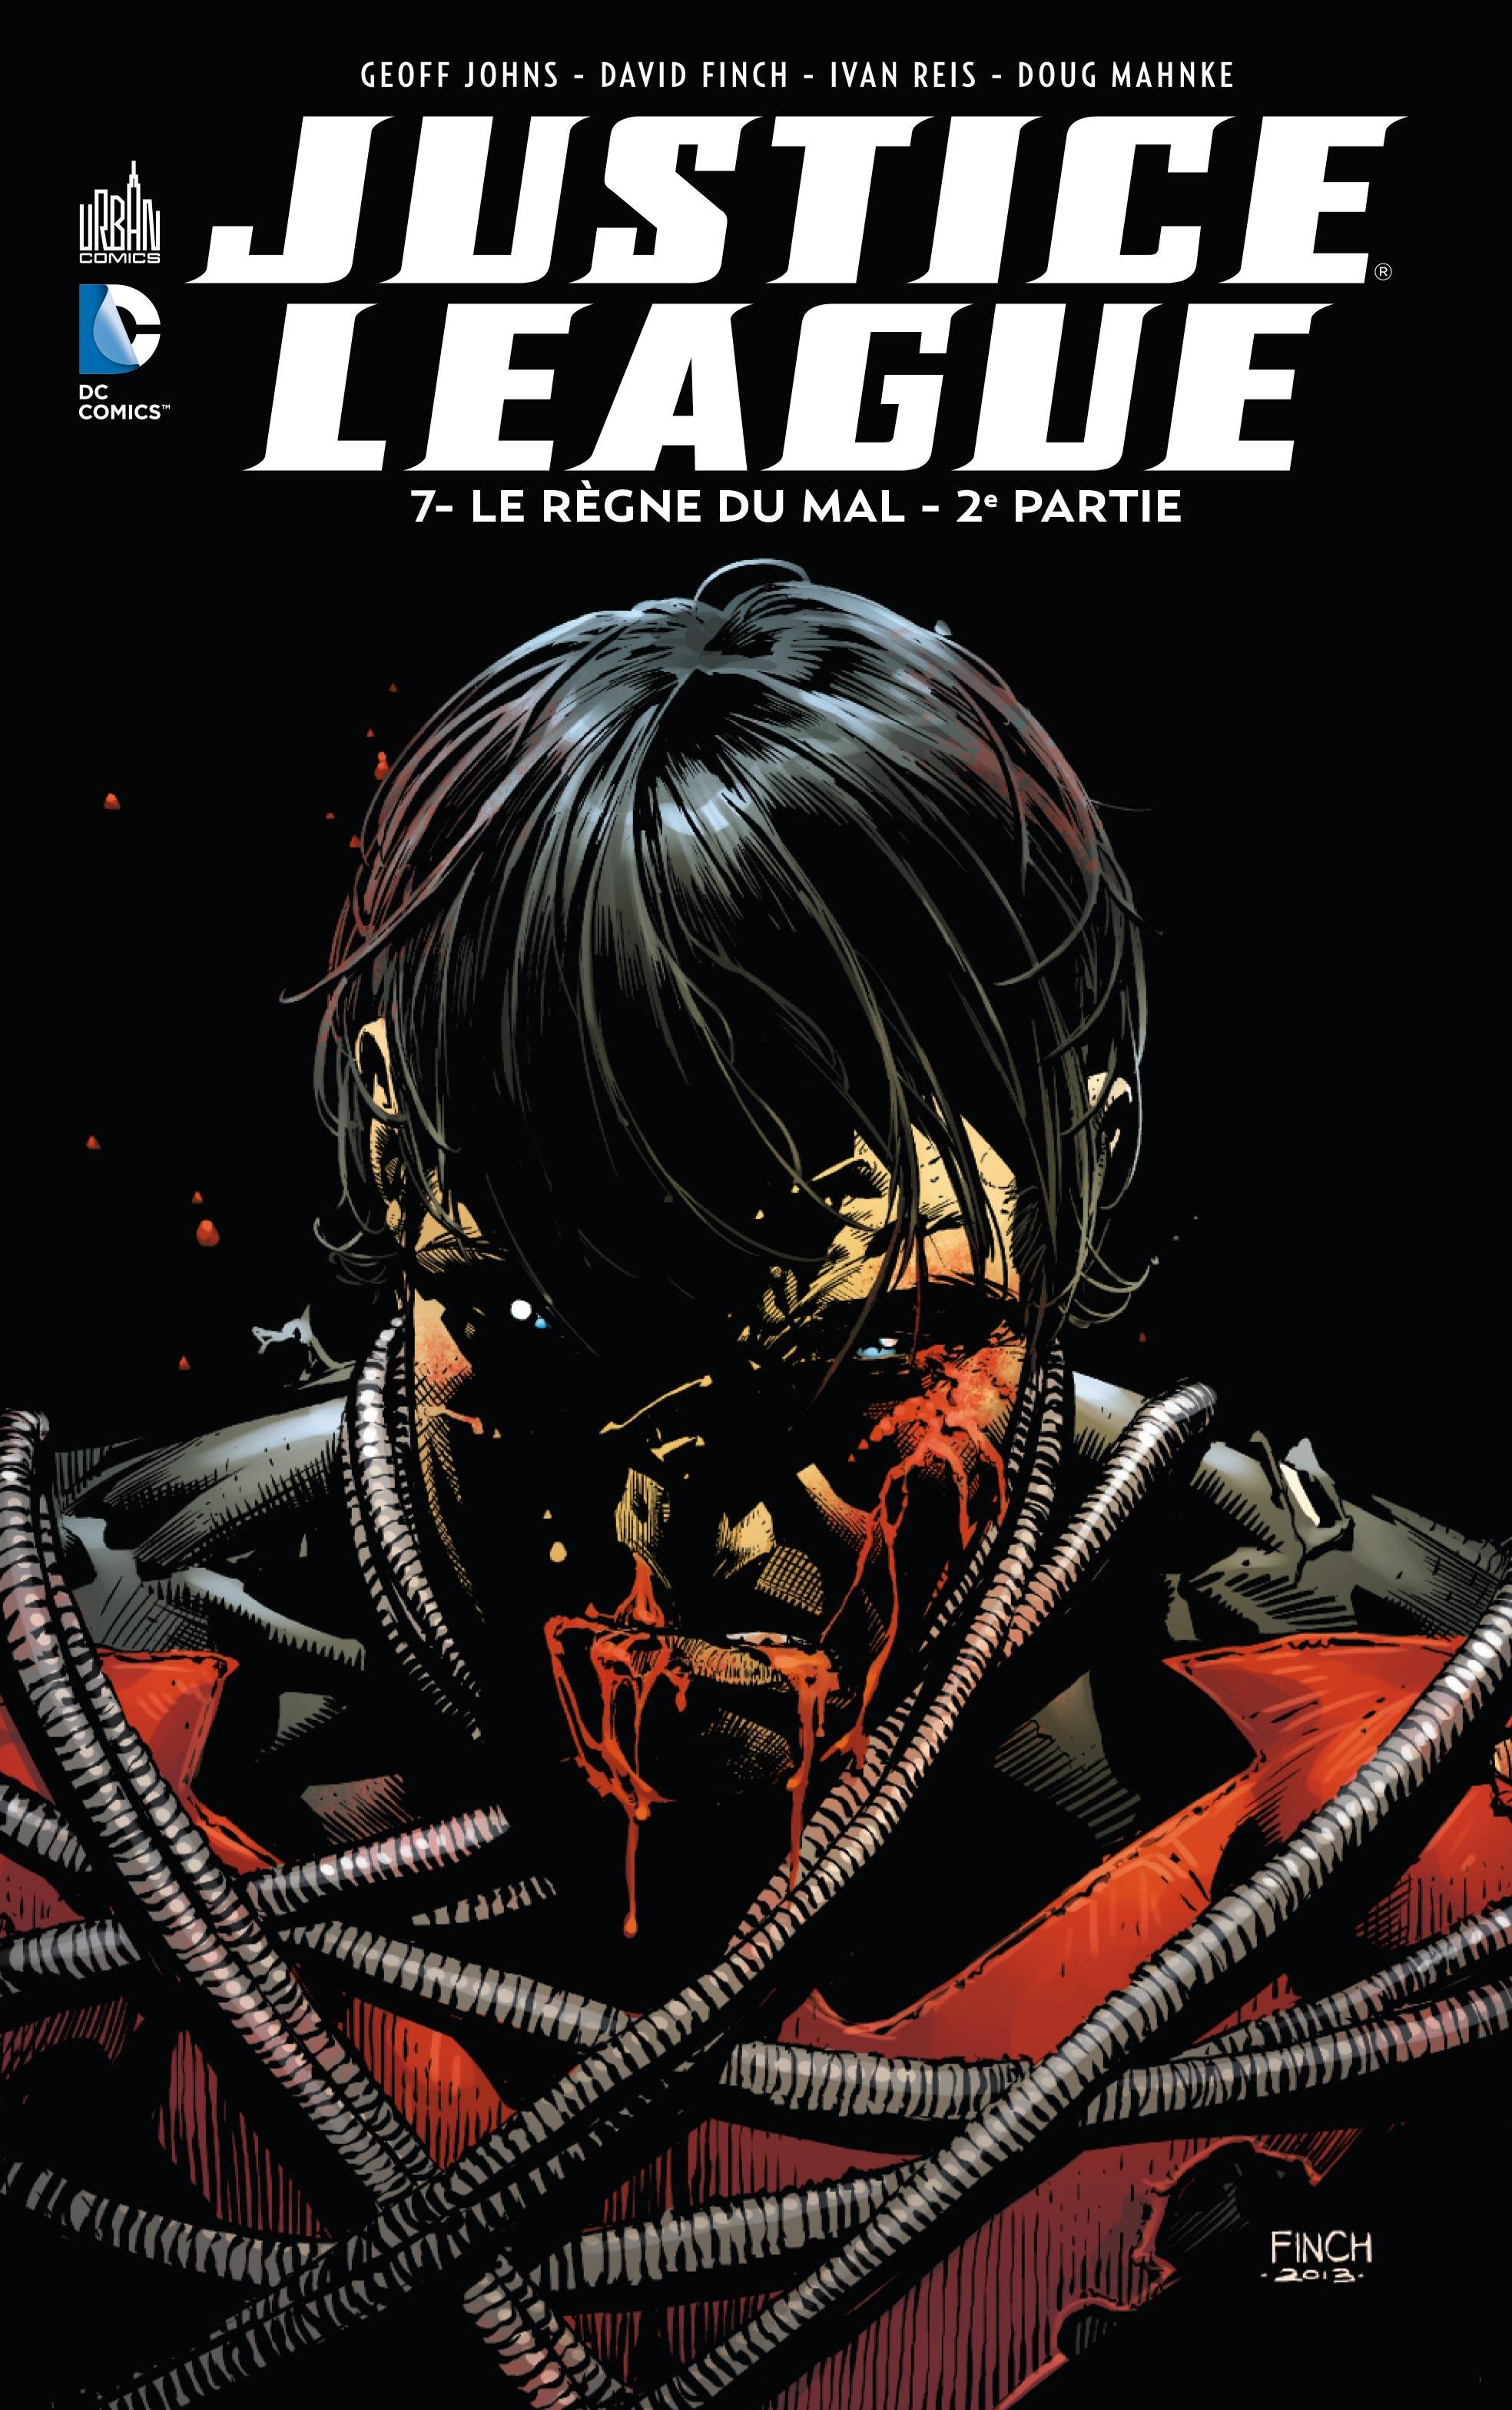 Justice League 7 - Le règne du mal - 2e partie